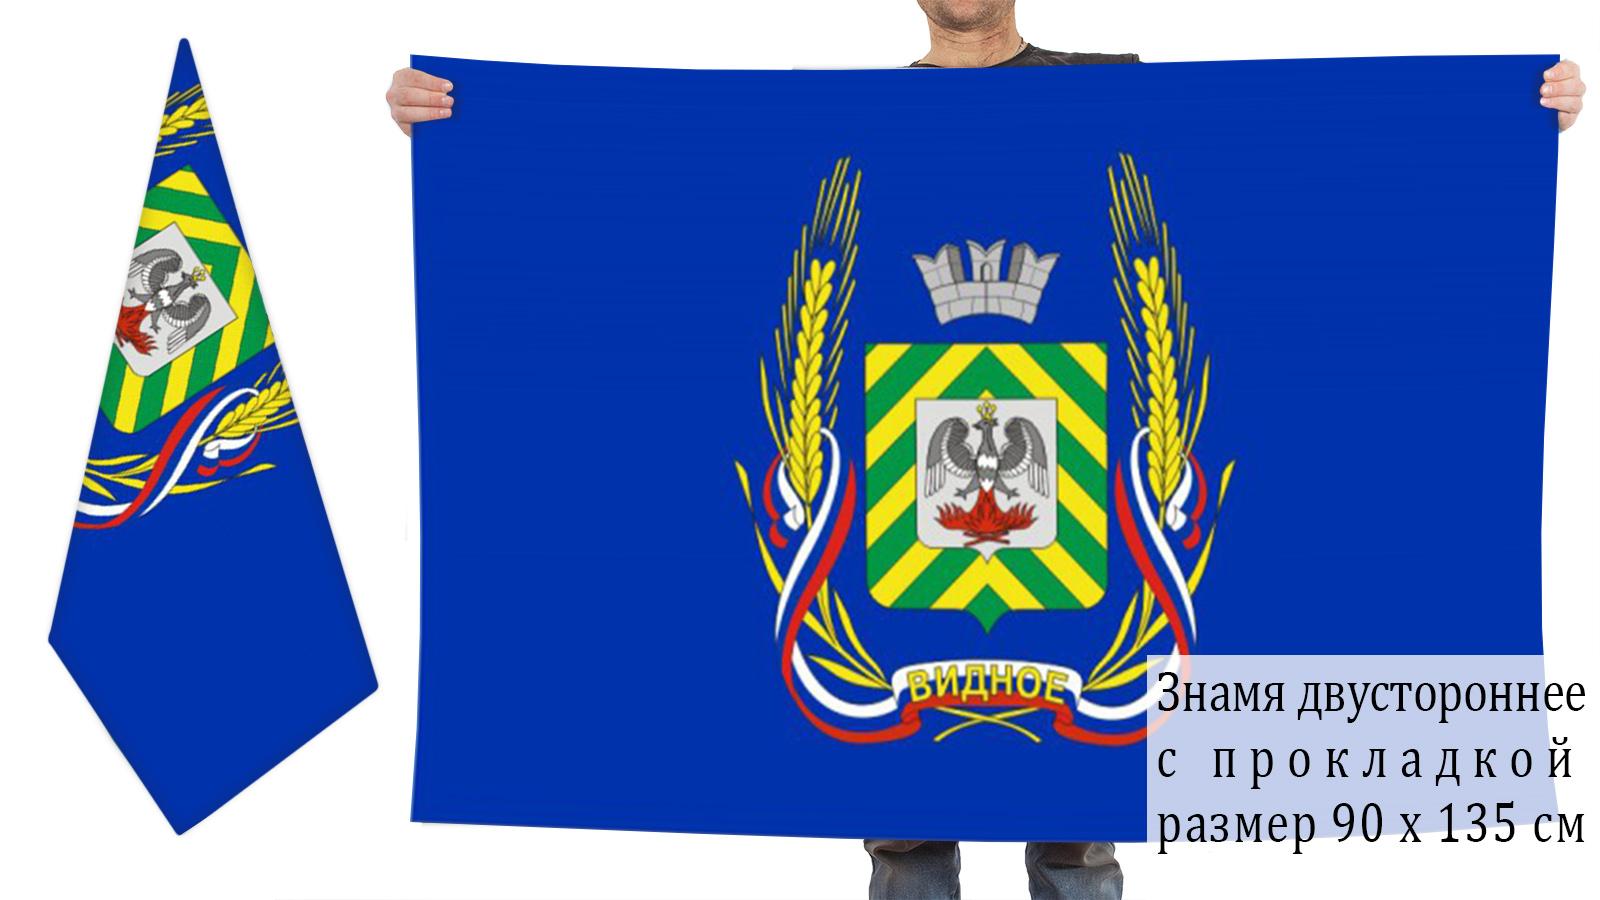 Двусторонний флаг Видного